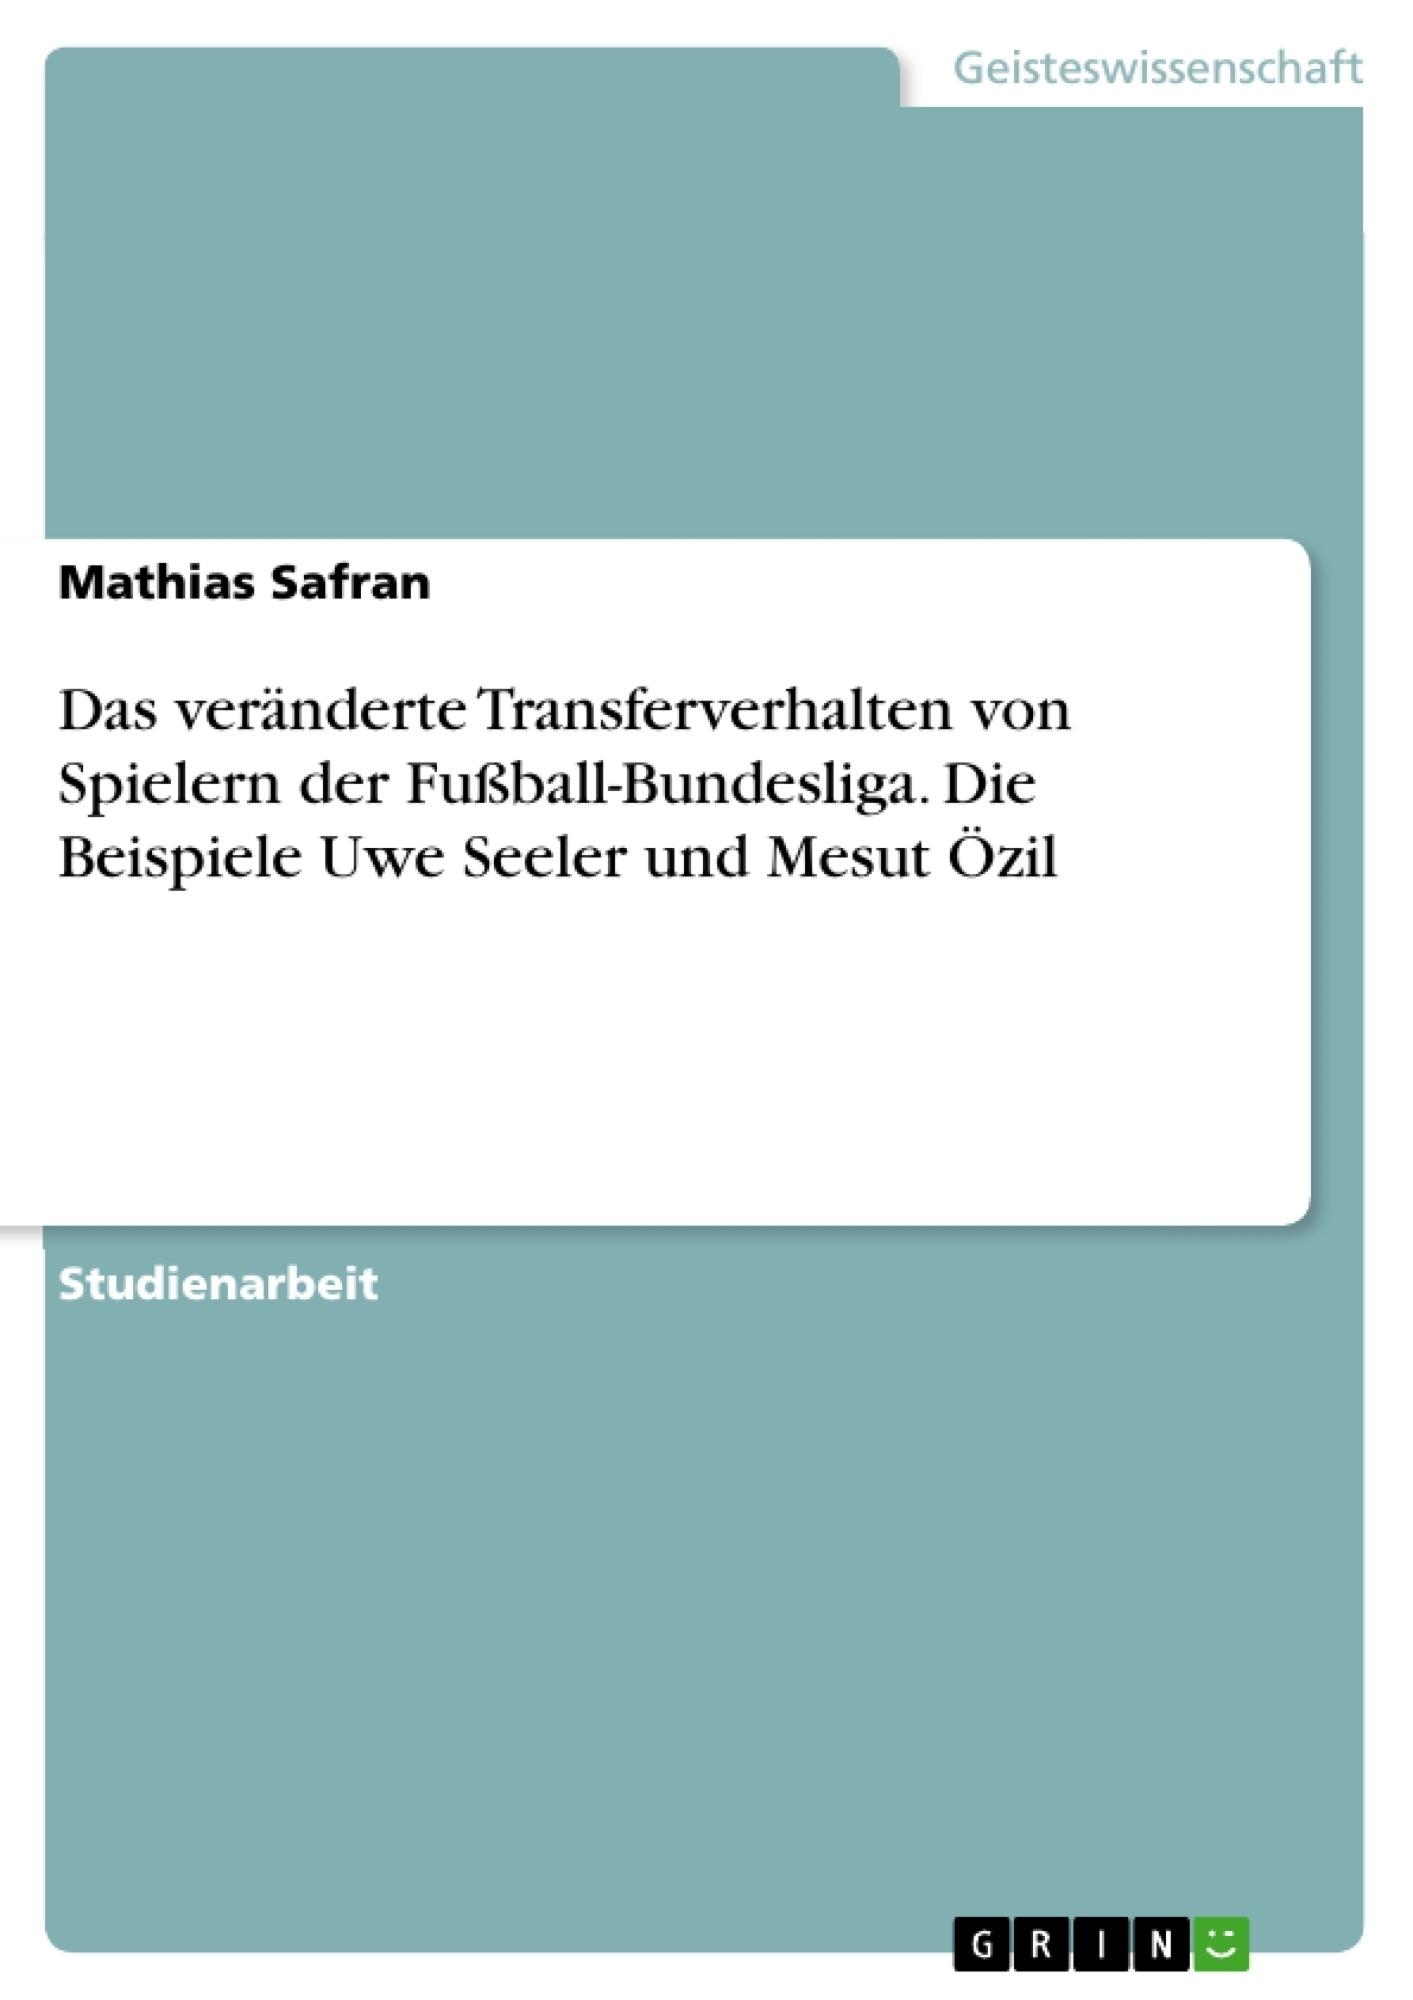 Grin Das Veranderte Transferverhalten Von Spielern Der Fussball Bundesliga Die Beispiele Uwe Seeler Und Mesut Ozil